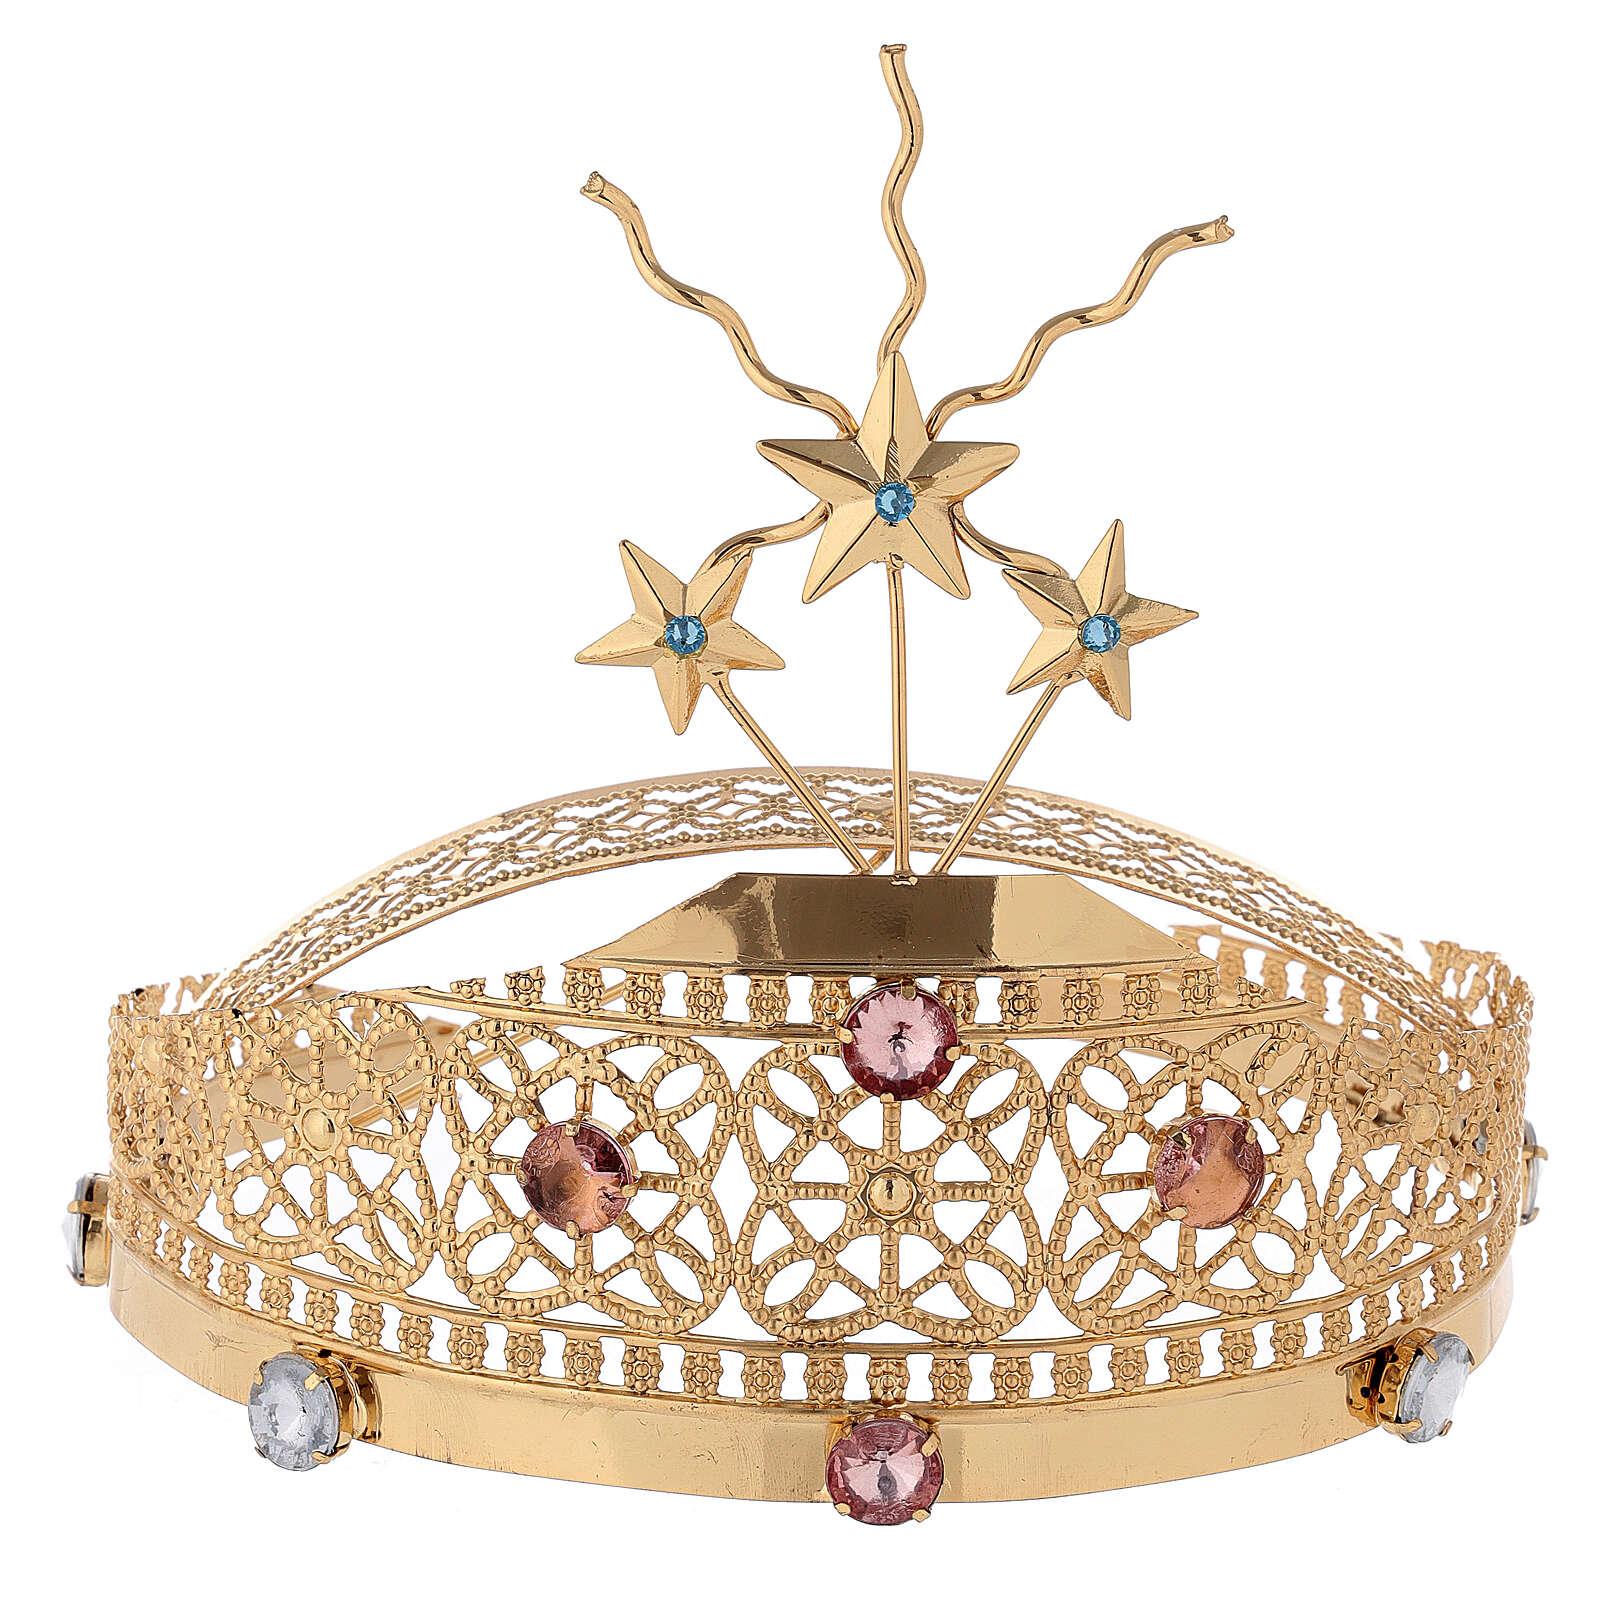 Diadema in ottone filigrana dorata 3